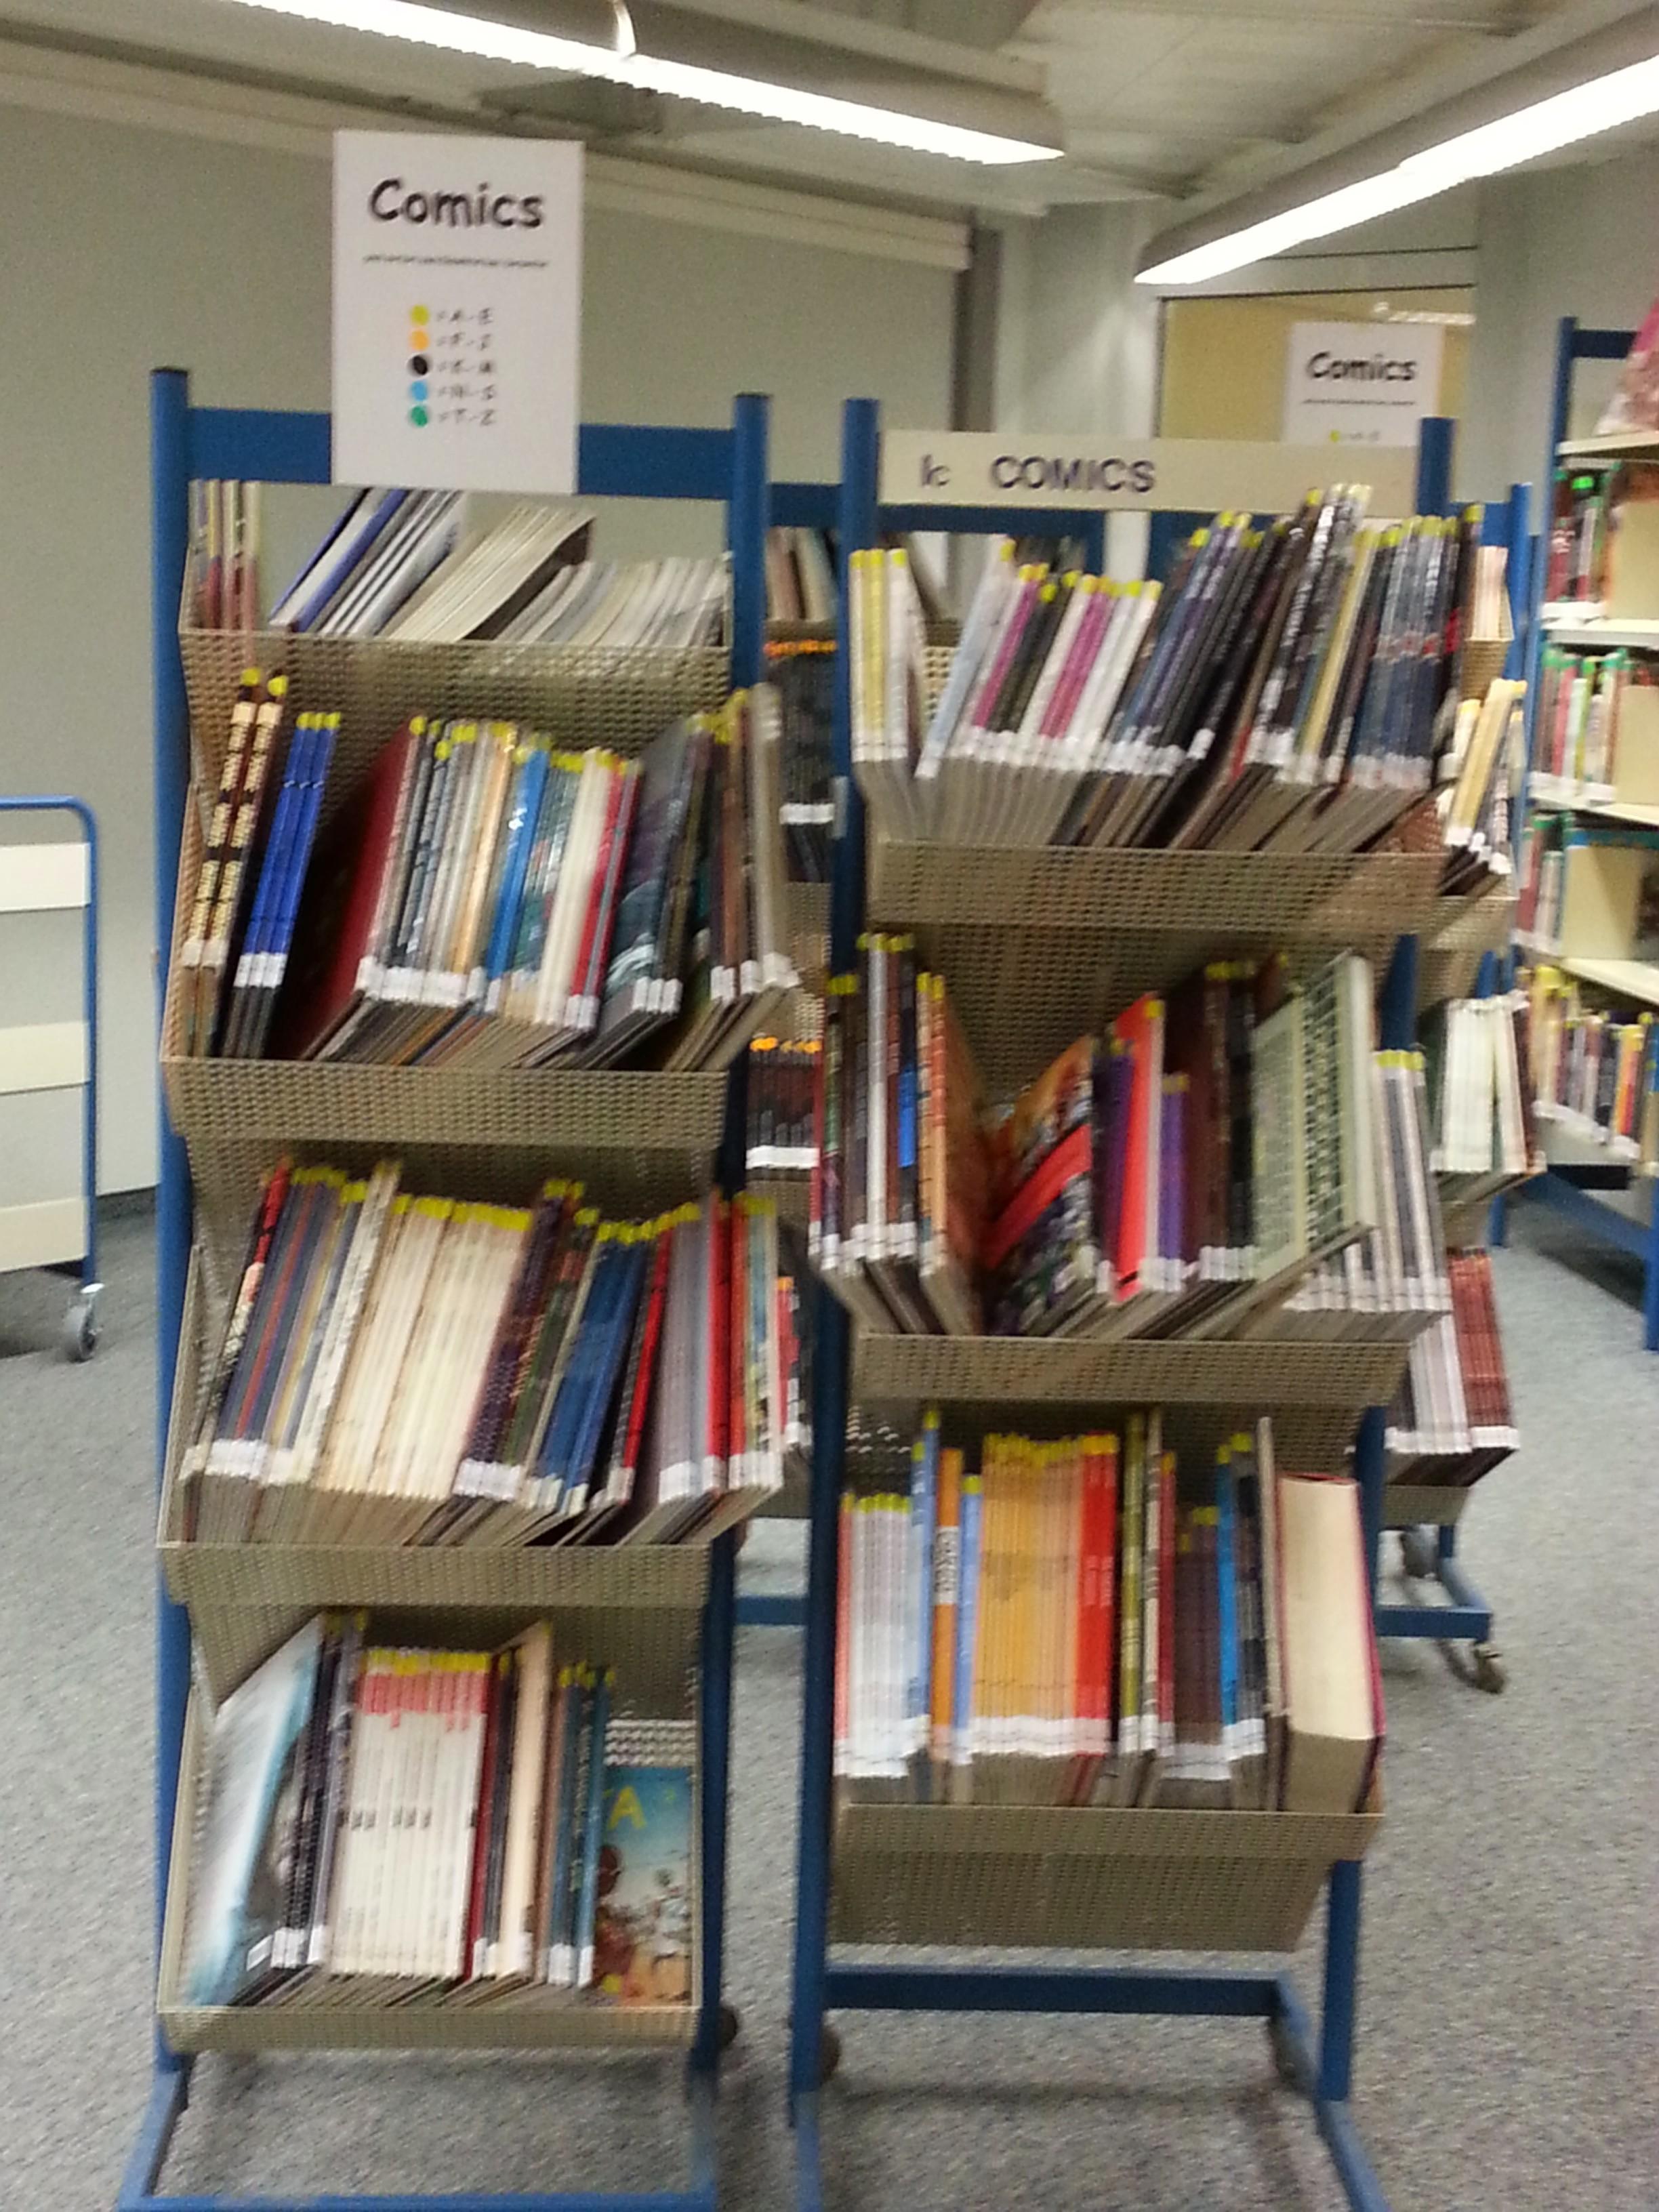 Düsseldorfer Stadtbücherei - Comics für Erwachsene